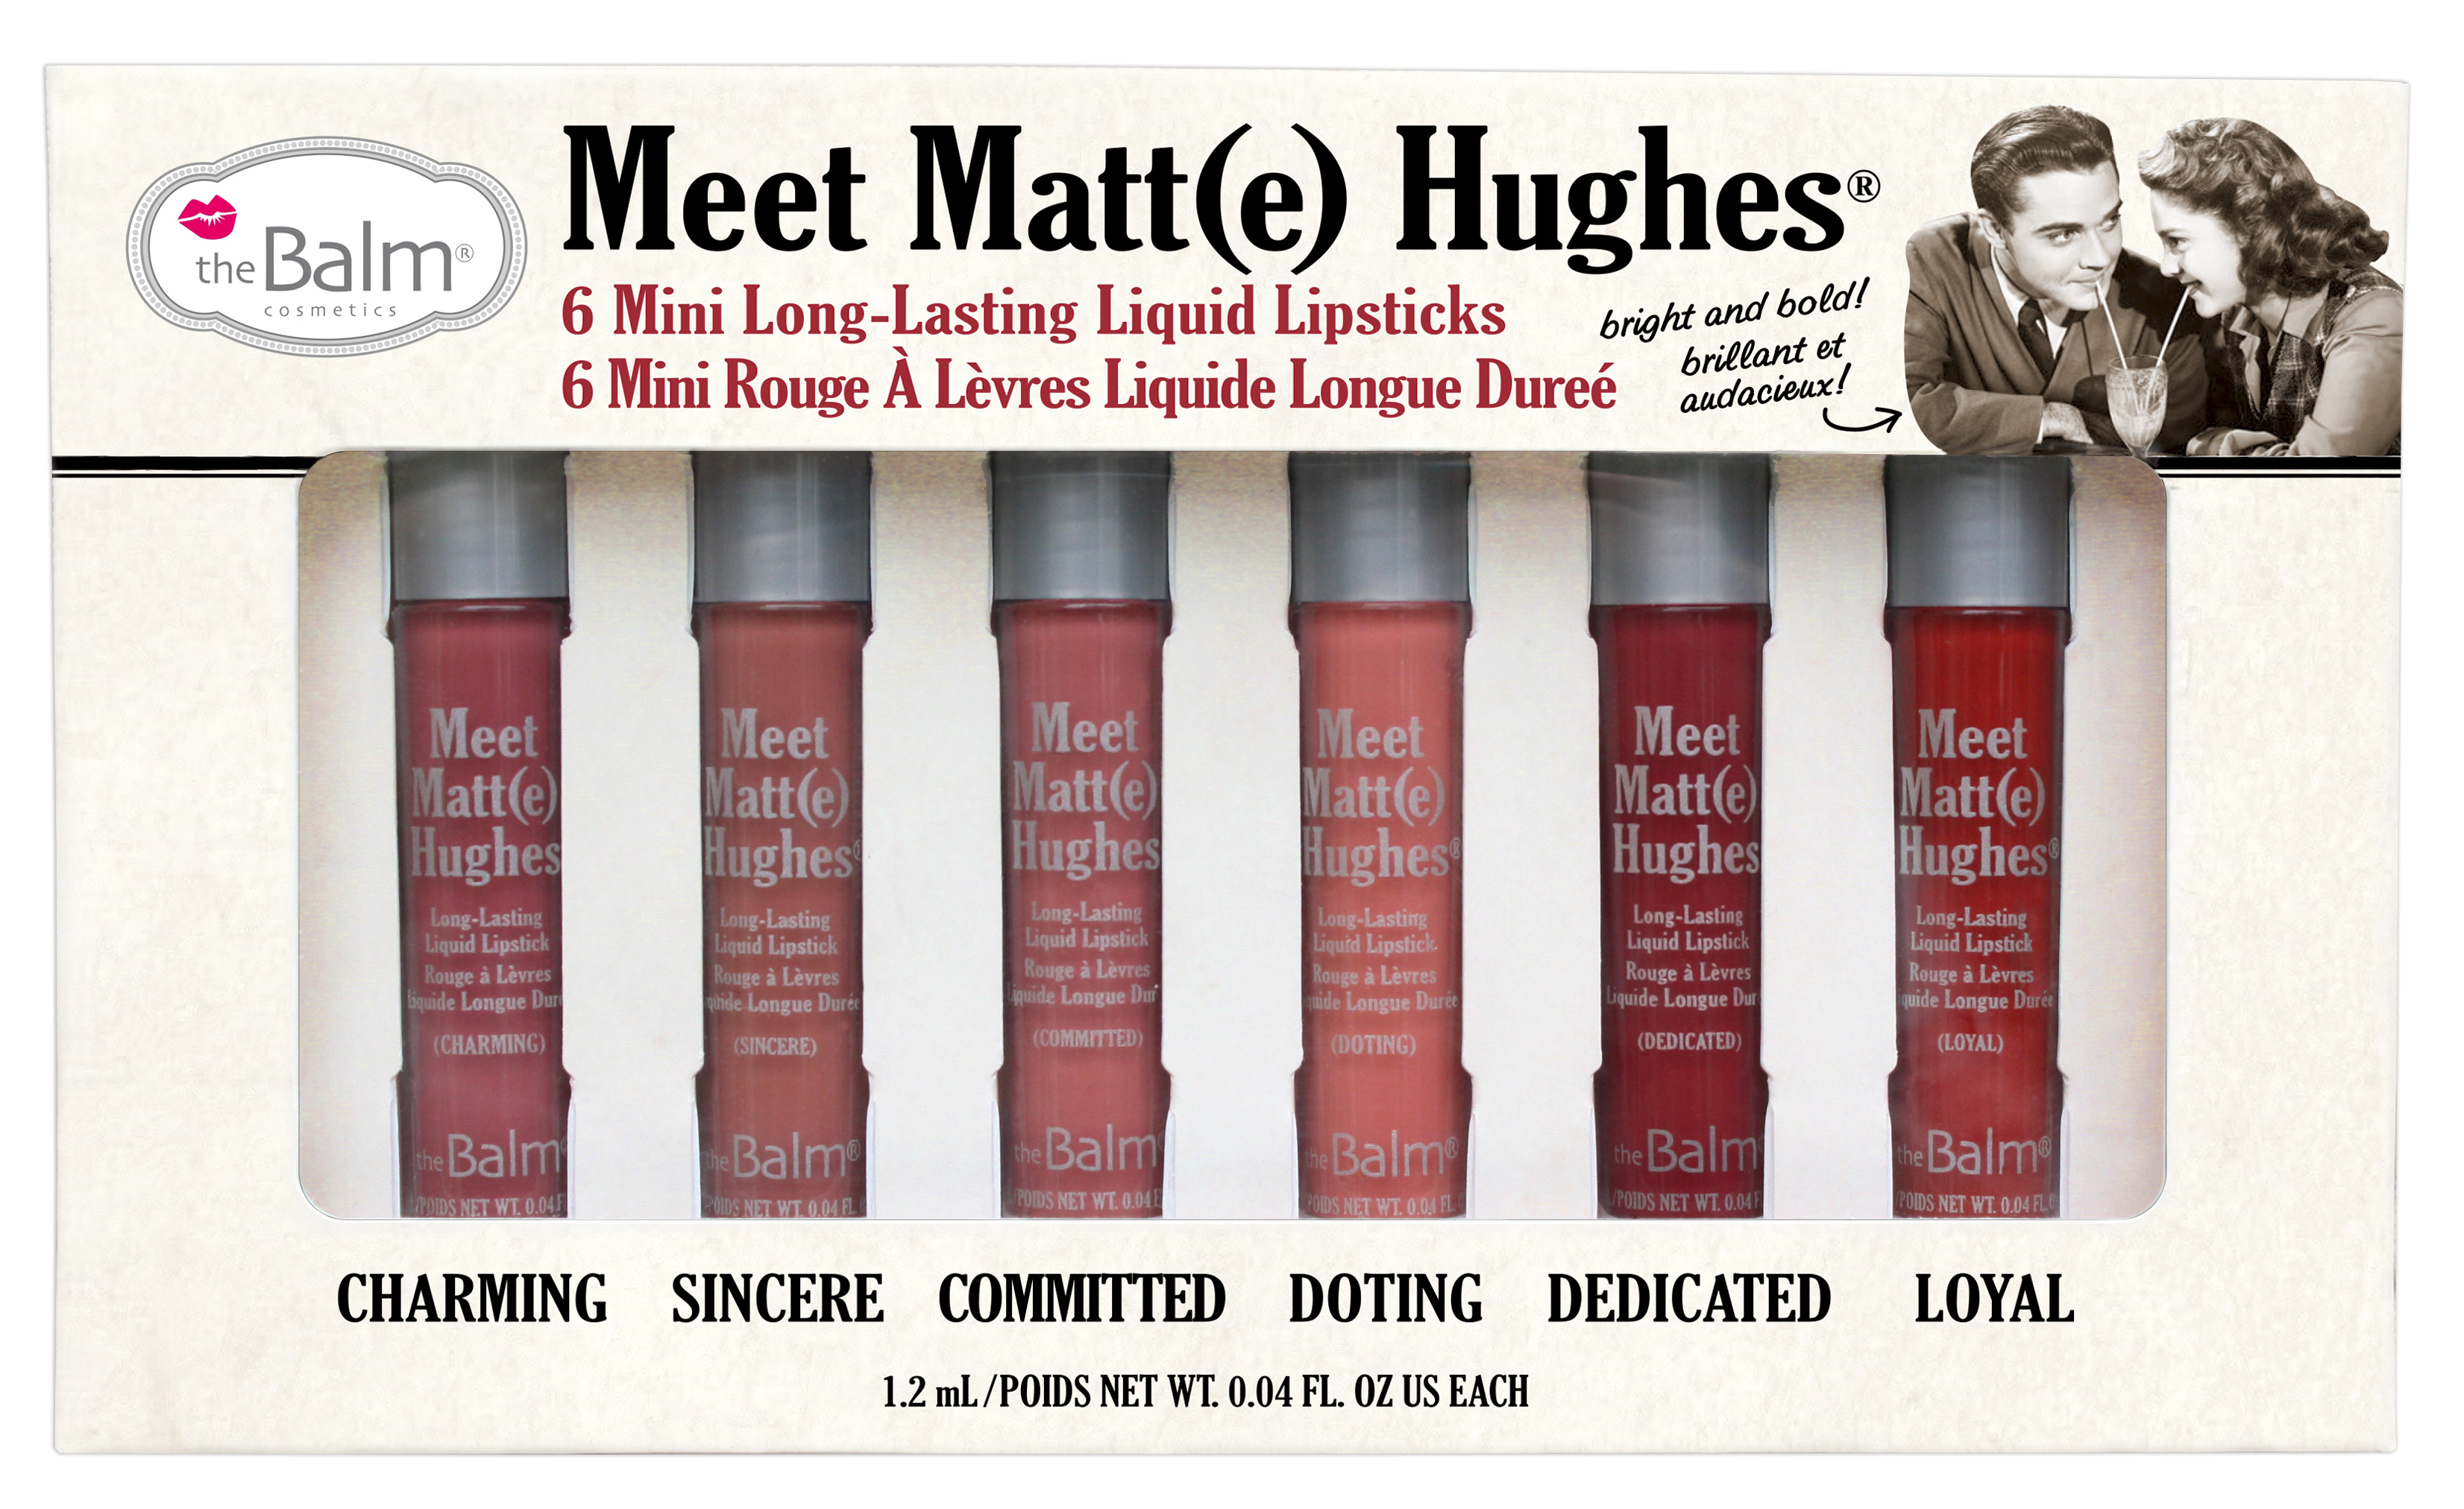 Meet Matte Hughes Vol. 1